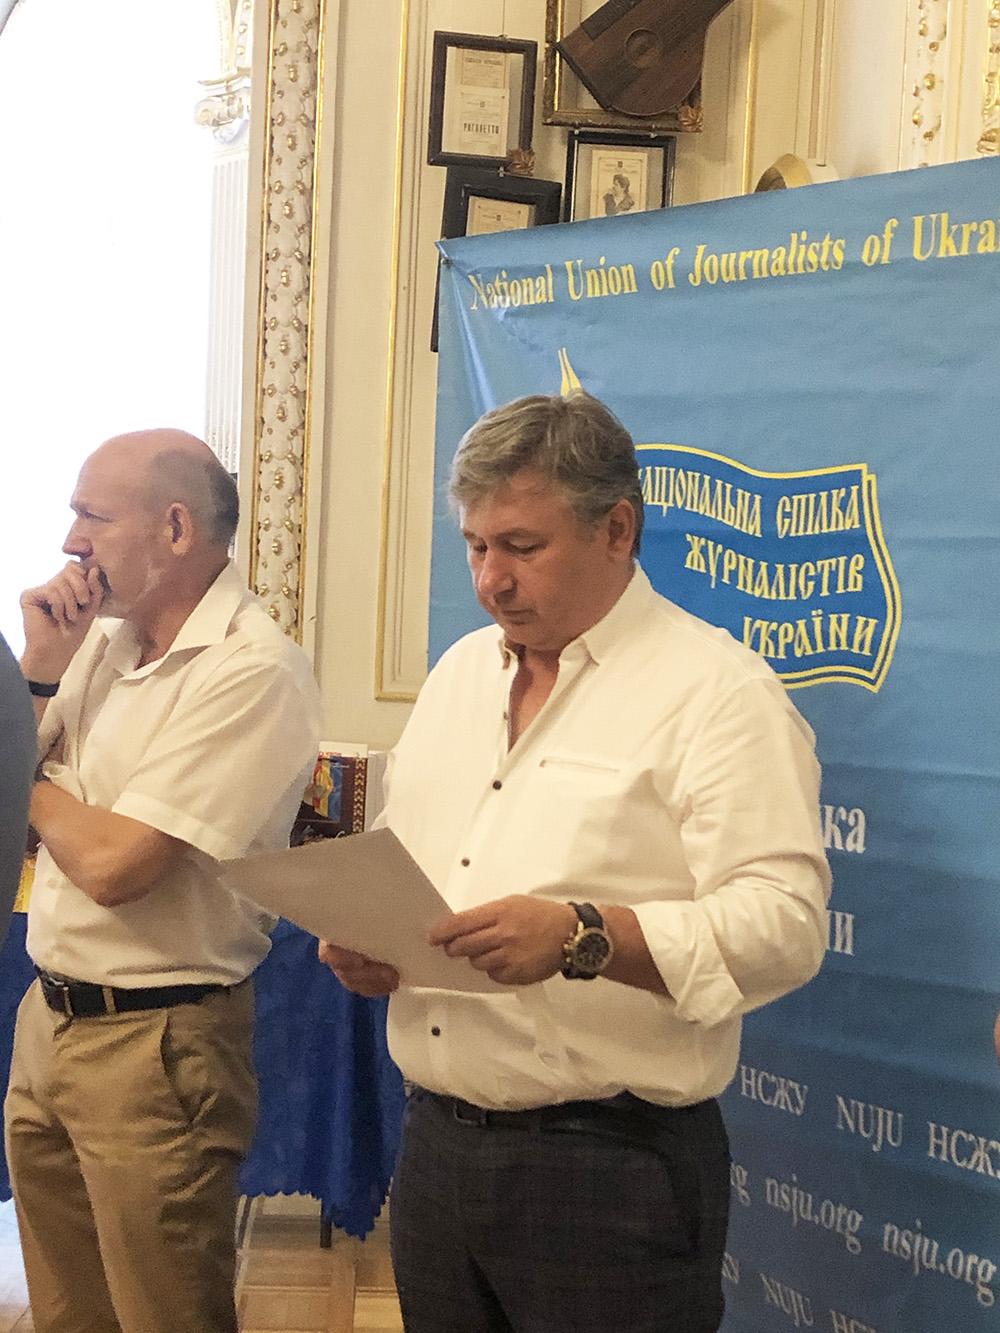 Александр Сивак Одесский бизнесмен, журналист